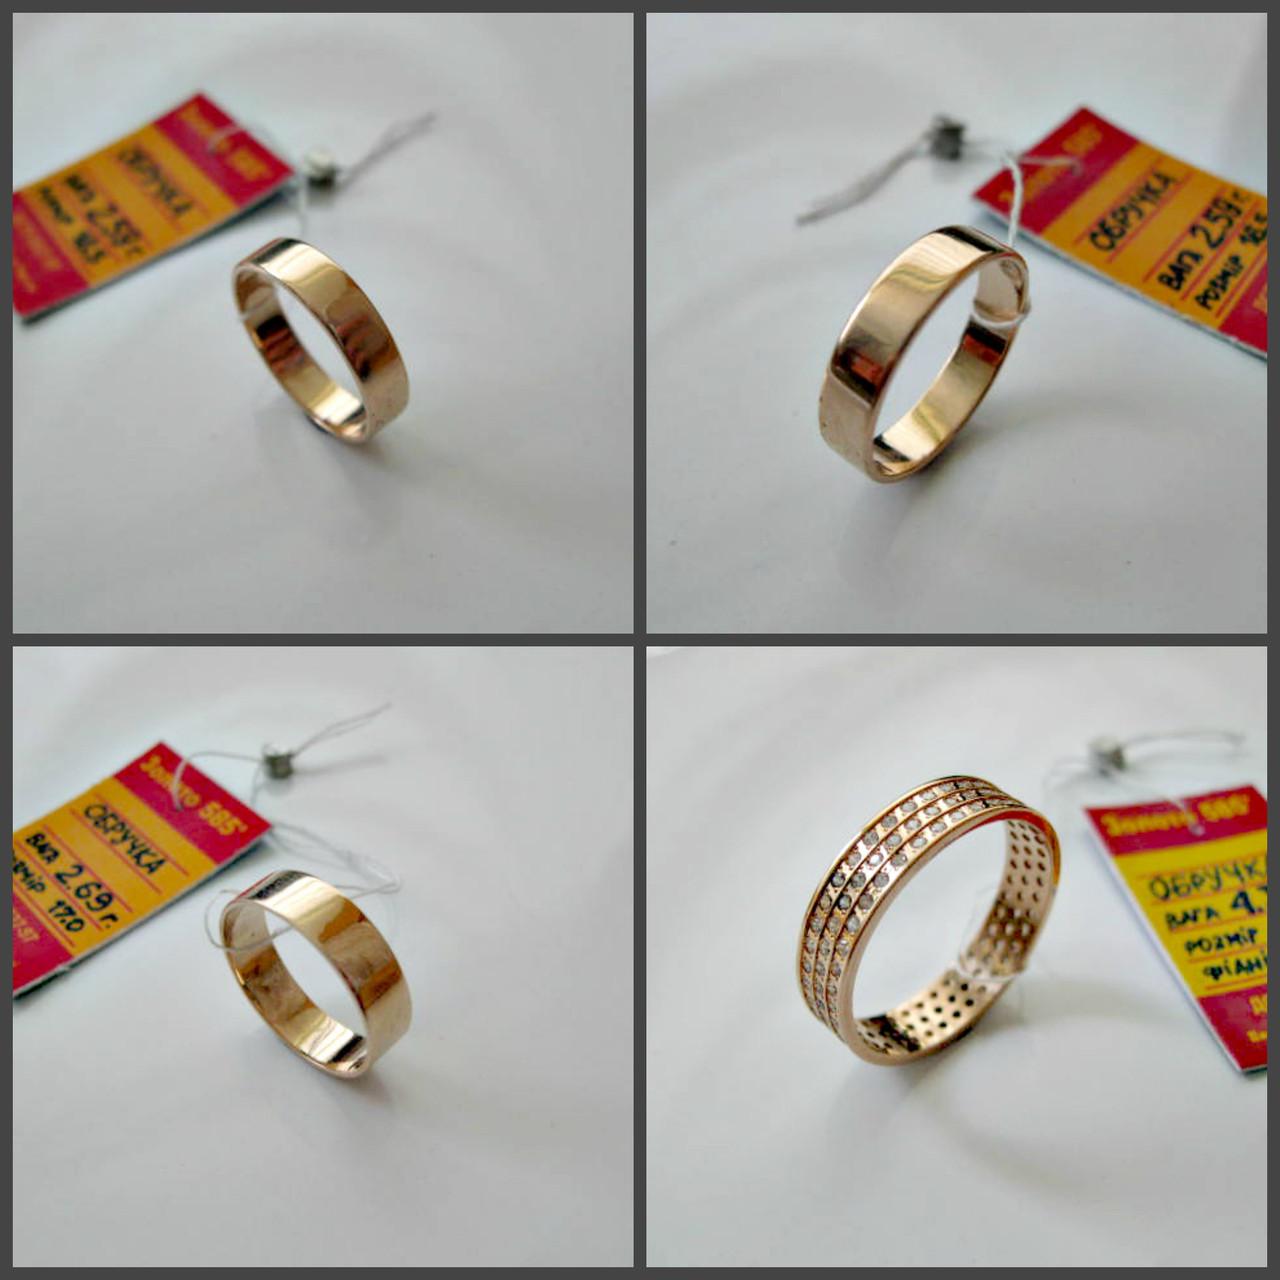 Обручальные кольца маленький 16, 16.5, 17,17.5 размер. От 1299 гривен за 1 грамм Золота 585 пробы.